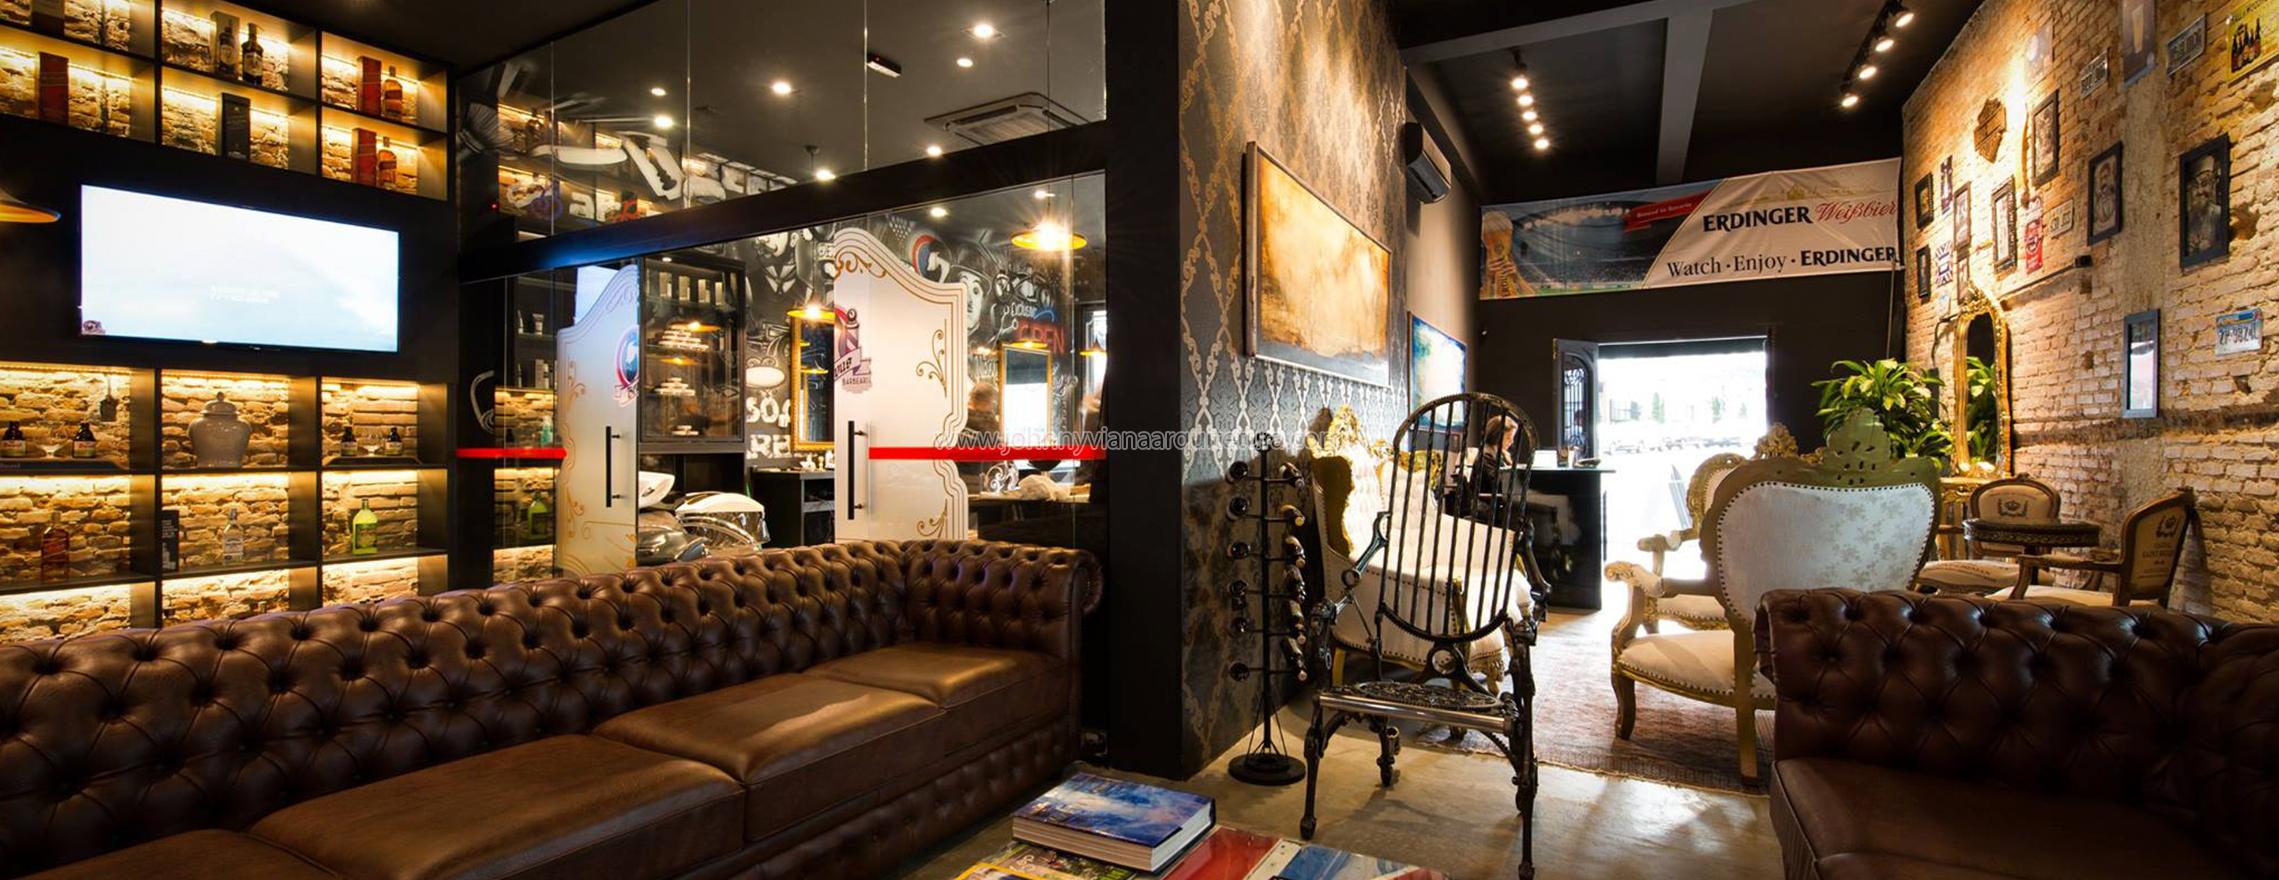 Projetos de arquitetura e design para barbearias, restaurantes e bares de alto padrão | Johnny Viana Arquitetura e Interiores